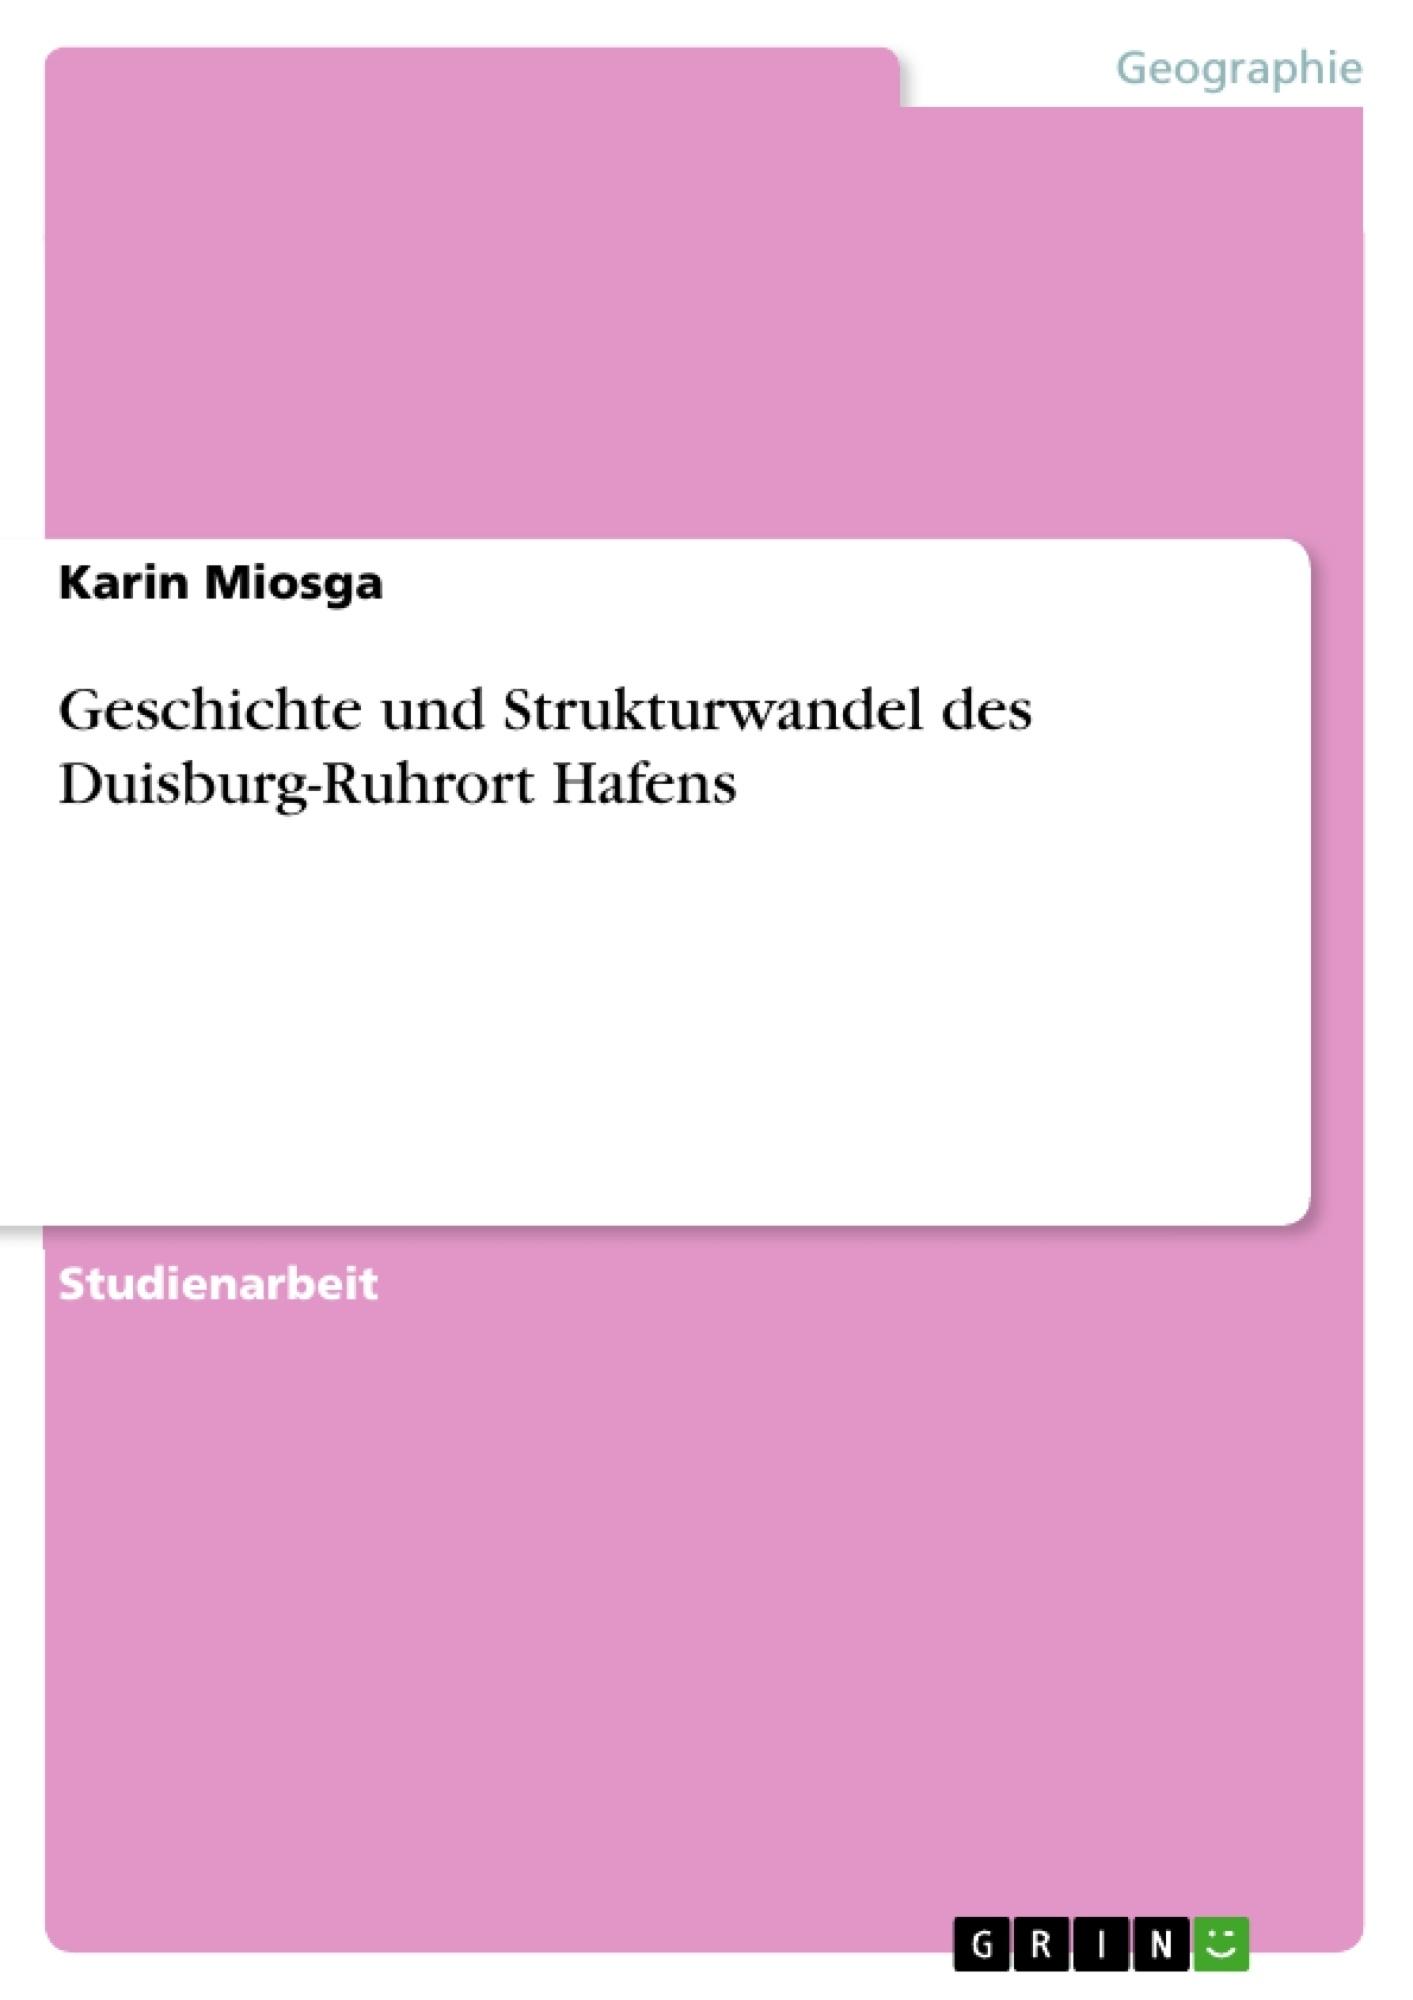 Titel: Geschichte und Strukturwandel des Duisburg-Ruhrort Hafens